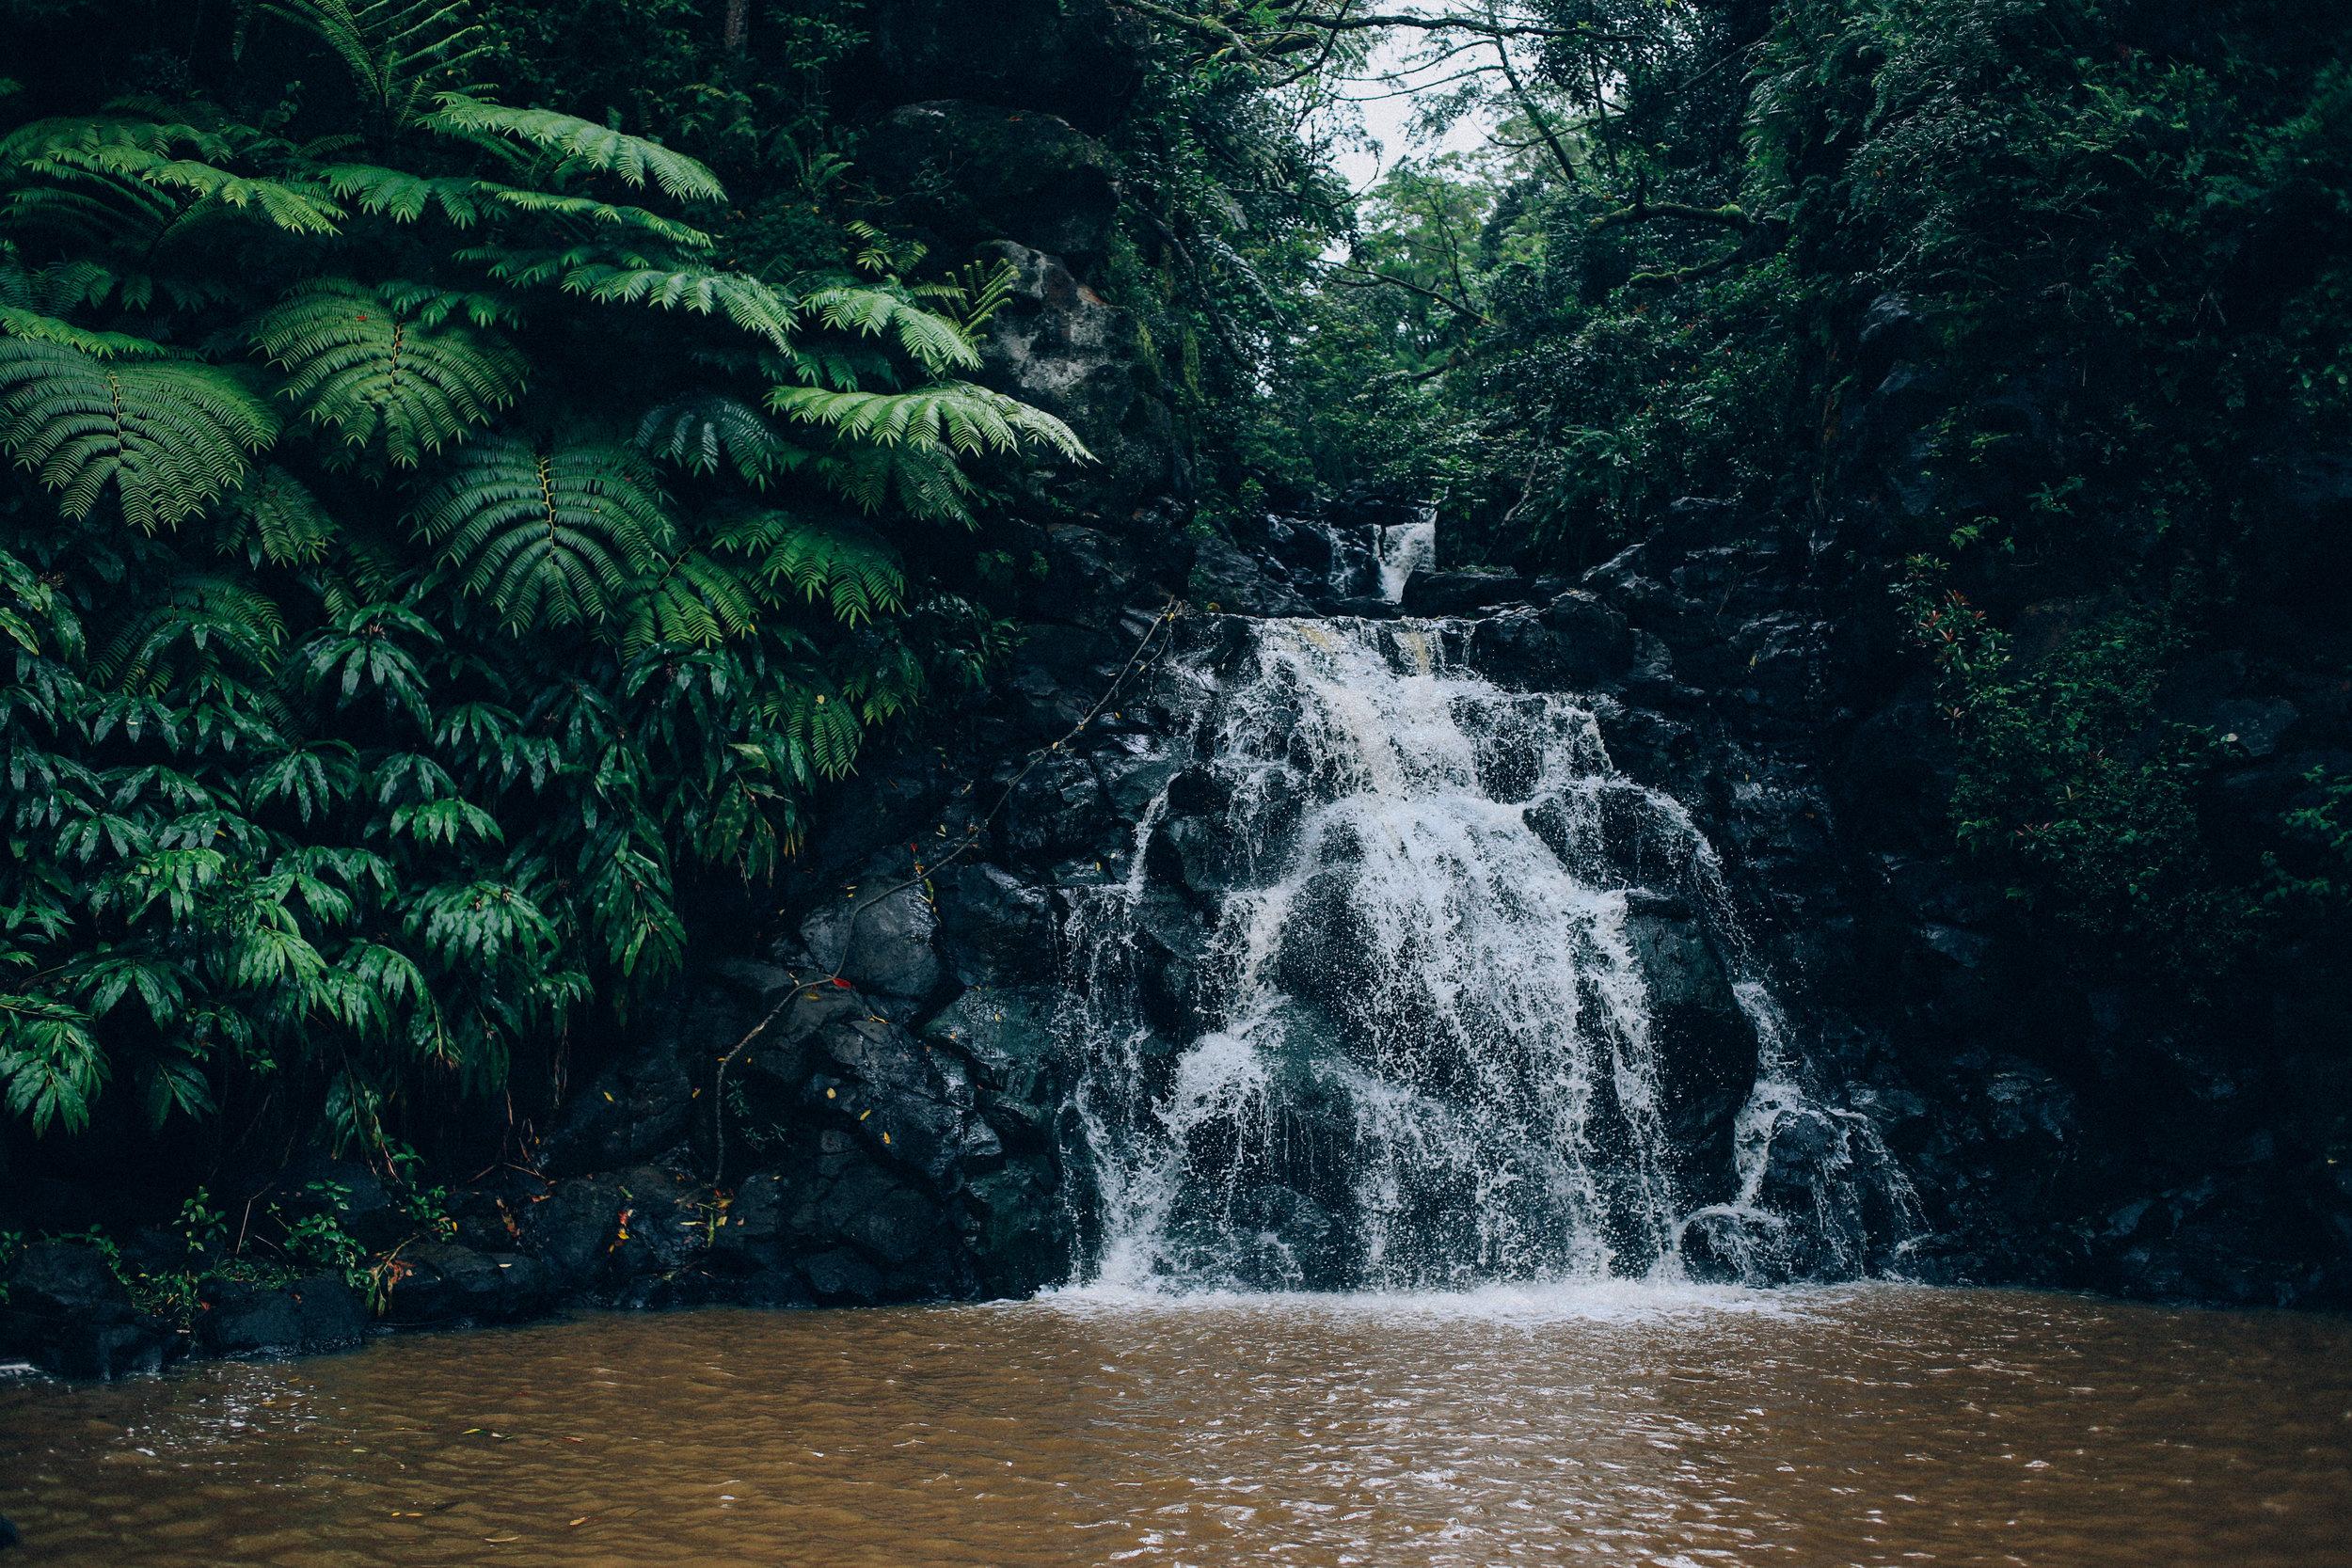 Hawaii_Keeewii-13.JPG